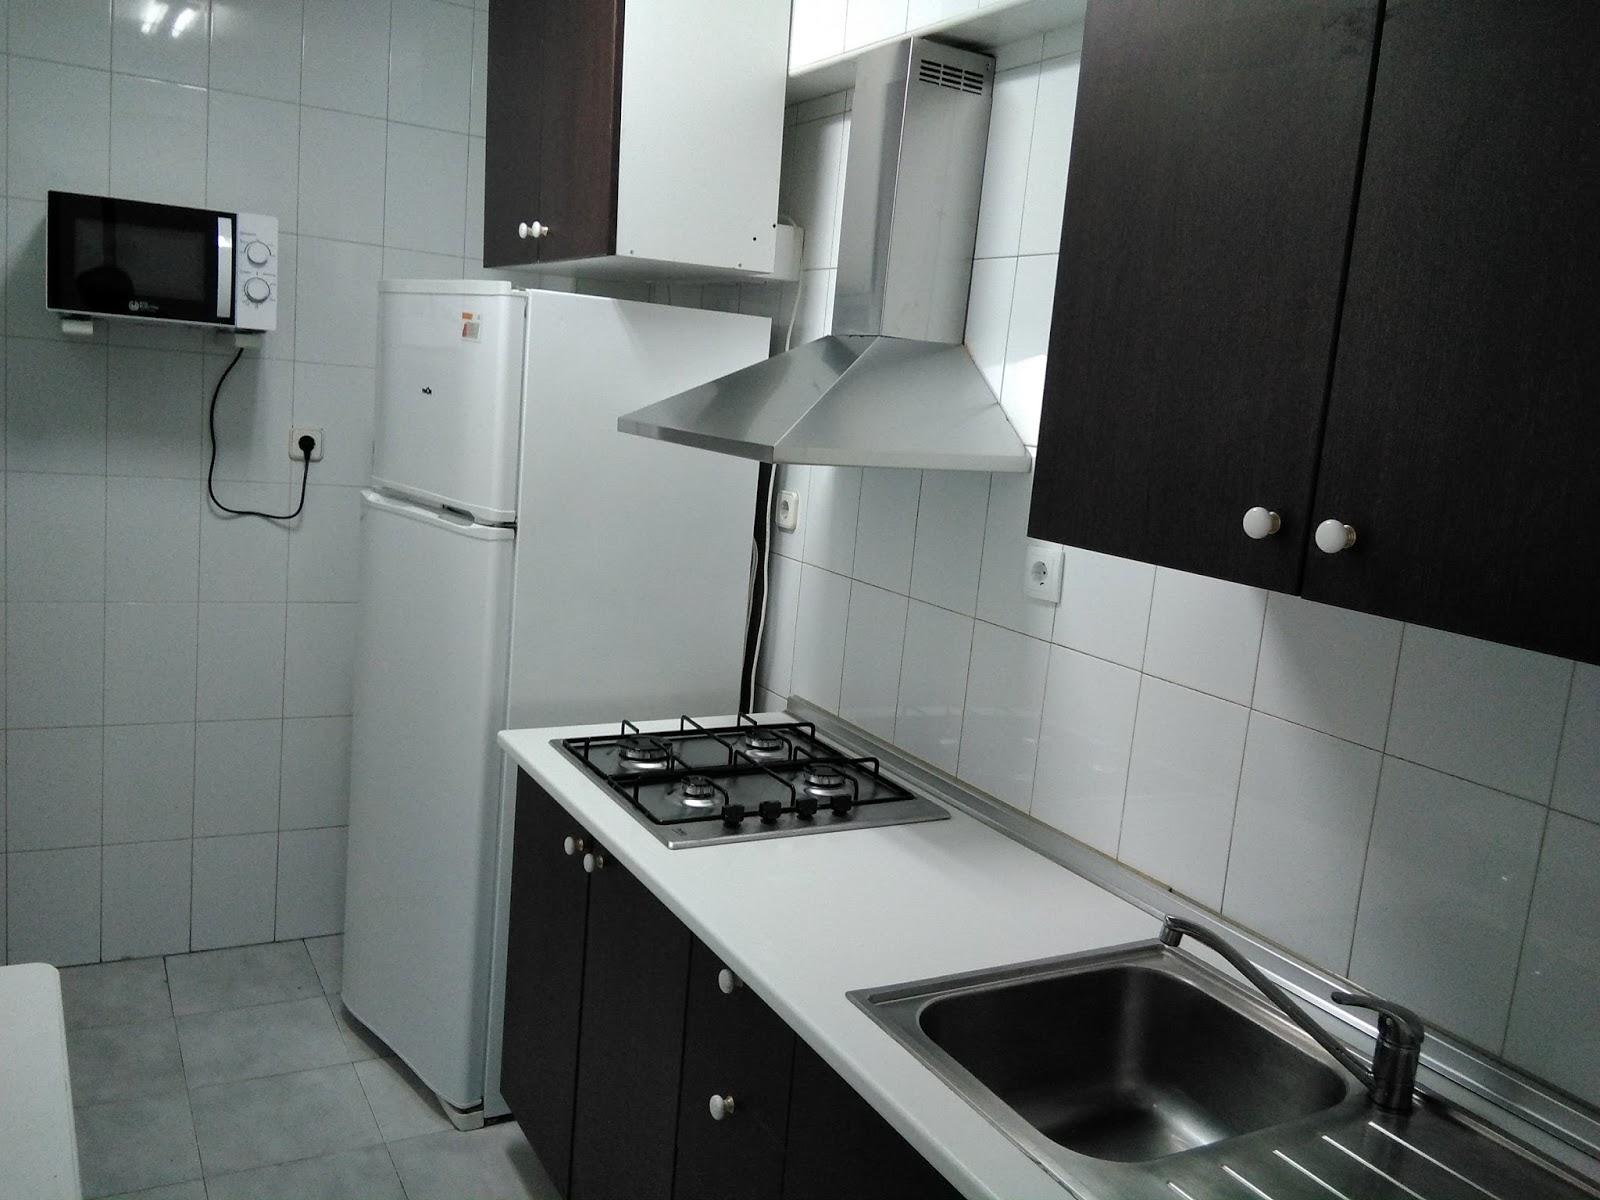 Alojamiento temporal en murcia piso compartido n 1 accommodation murcia alquiler habitaciones - Piso estudiantes murcia ...